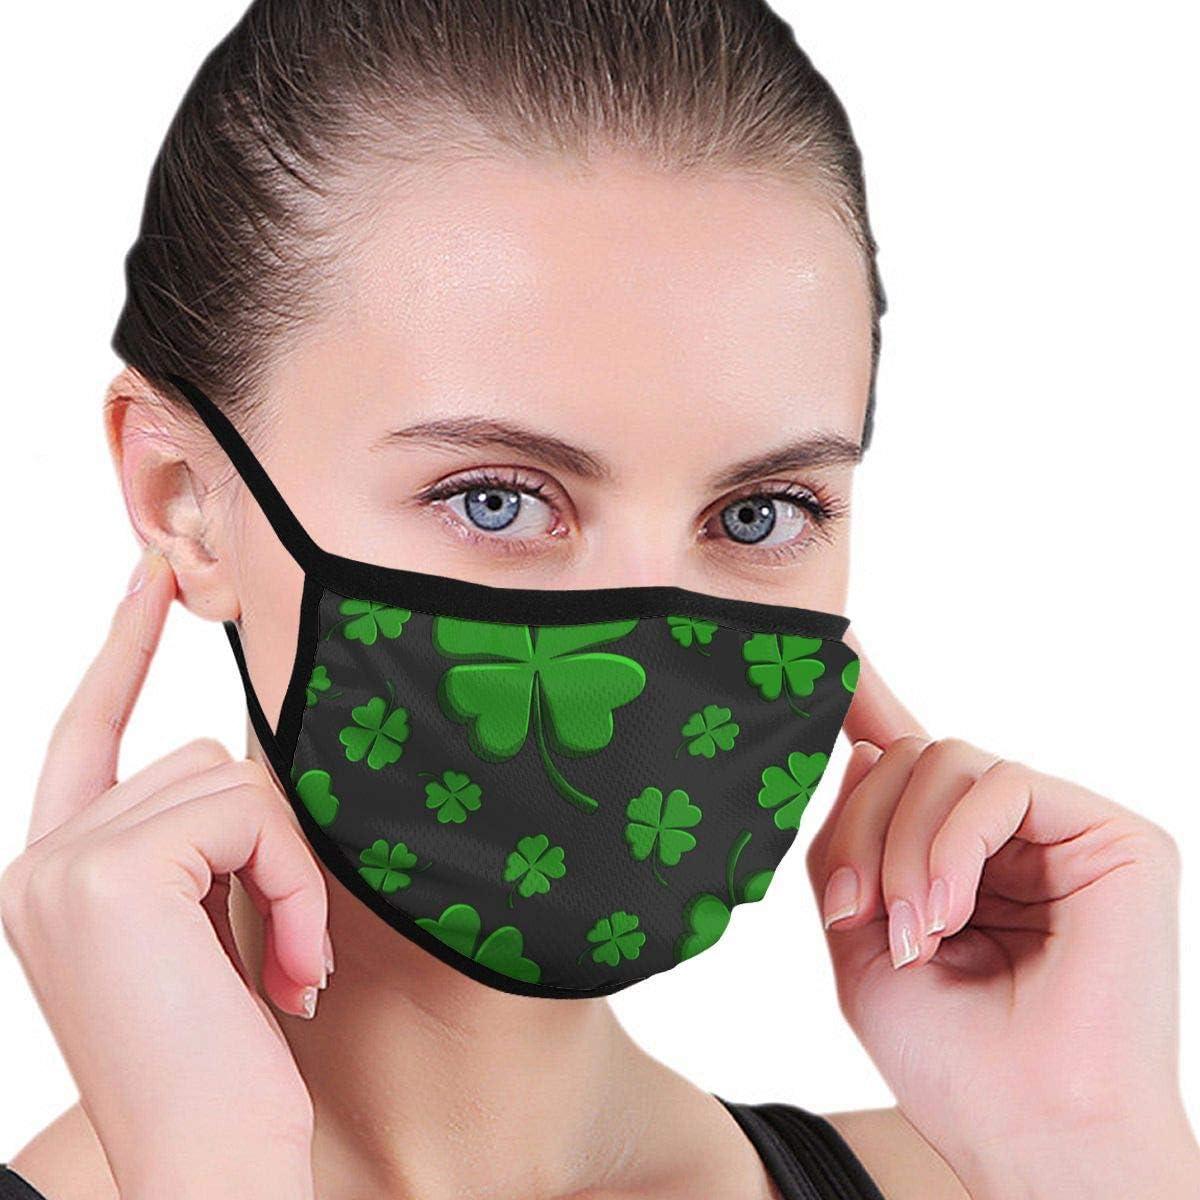 Máscaras de poliéster Máscaras Antipolvo Hoja de trébol Verde Decorativo en un Ciclismo Camping Máscaras faciales de Media Cara 1 Pieza